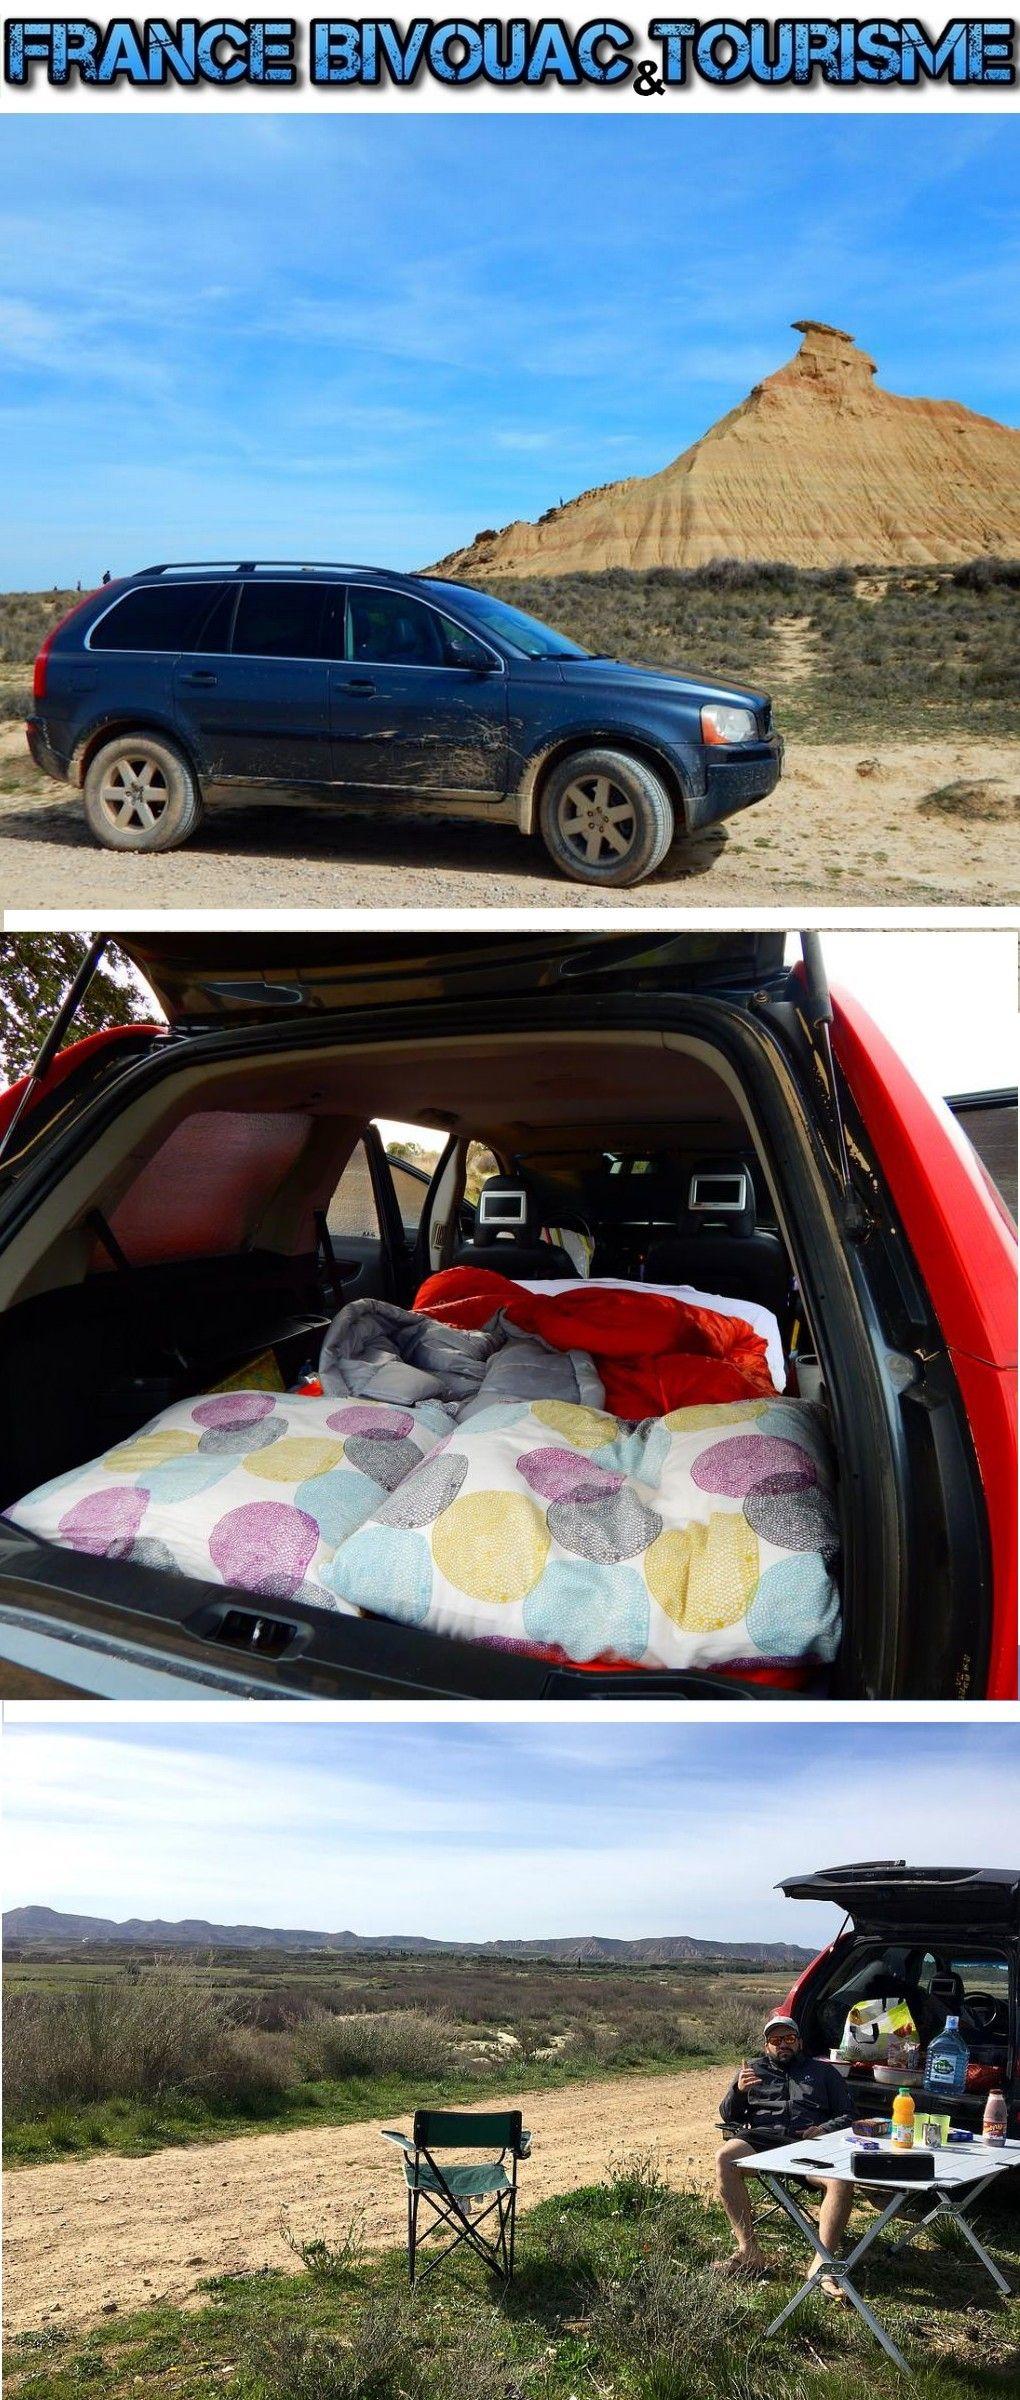 france bivouac et tourisme suv 4x4 volvo xc 90 en road trip dans le d sert du bardenas. Black Bedroom Furniture Sets. Home Design Ideas